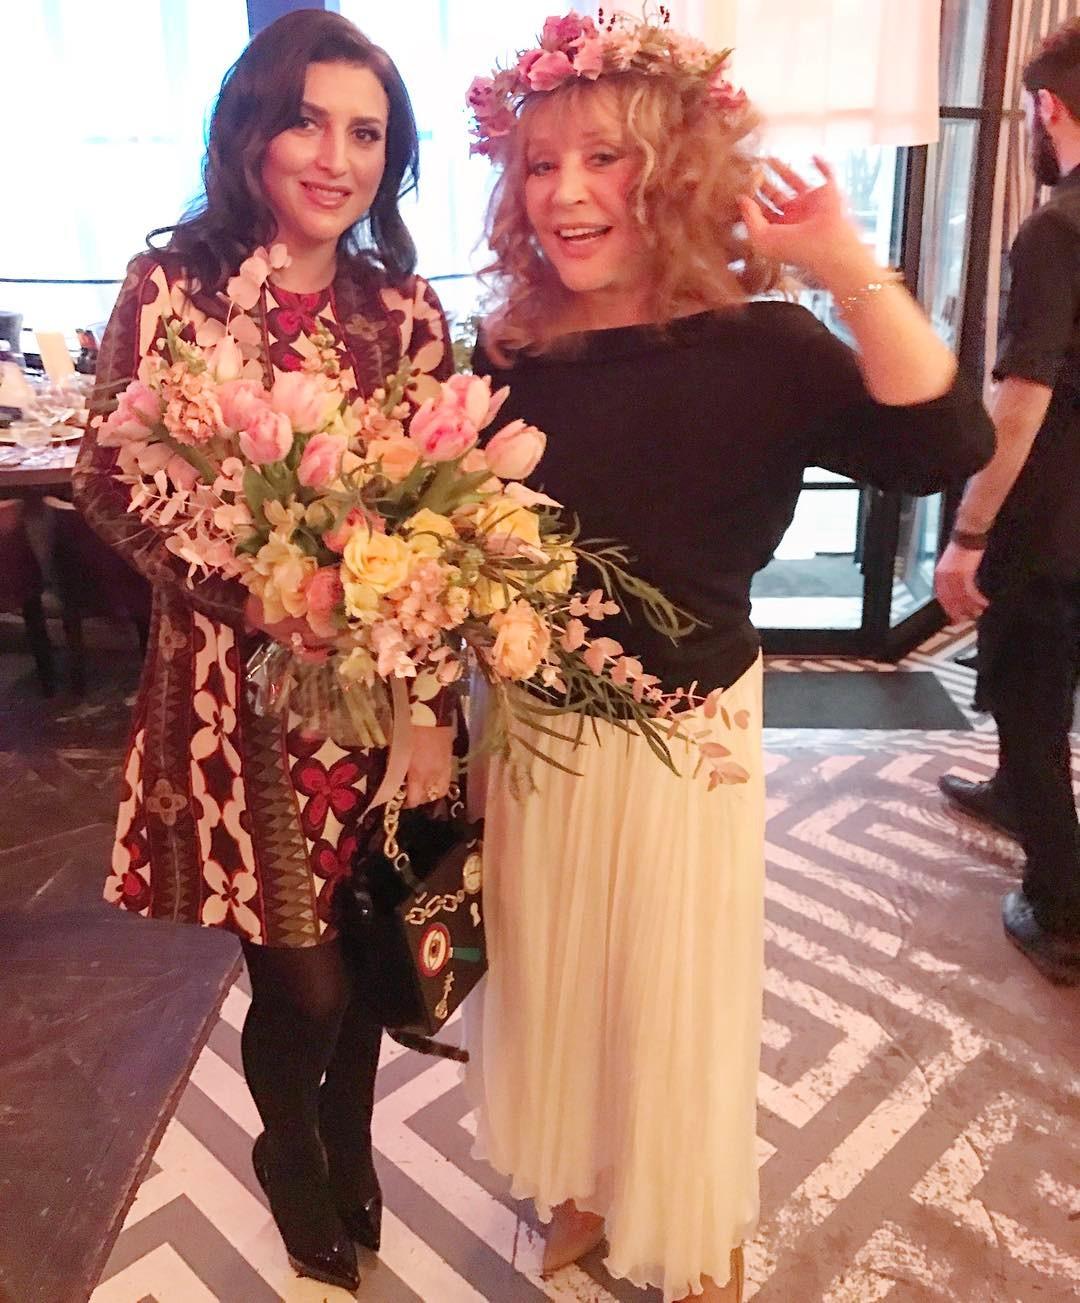 Первое воскресенье Весны в разгаре!!!! Уууурррааааа!!!!! #ВЕСНА #jasminshor #happy #day #love #friends